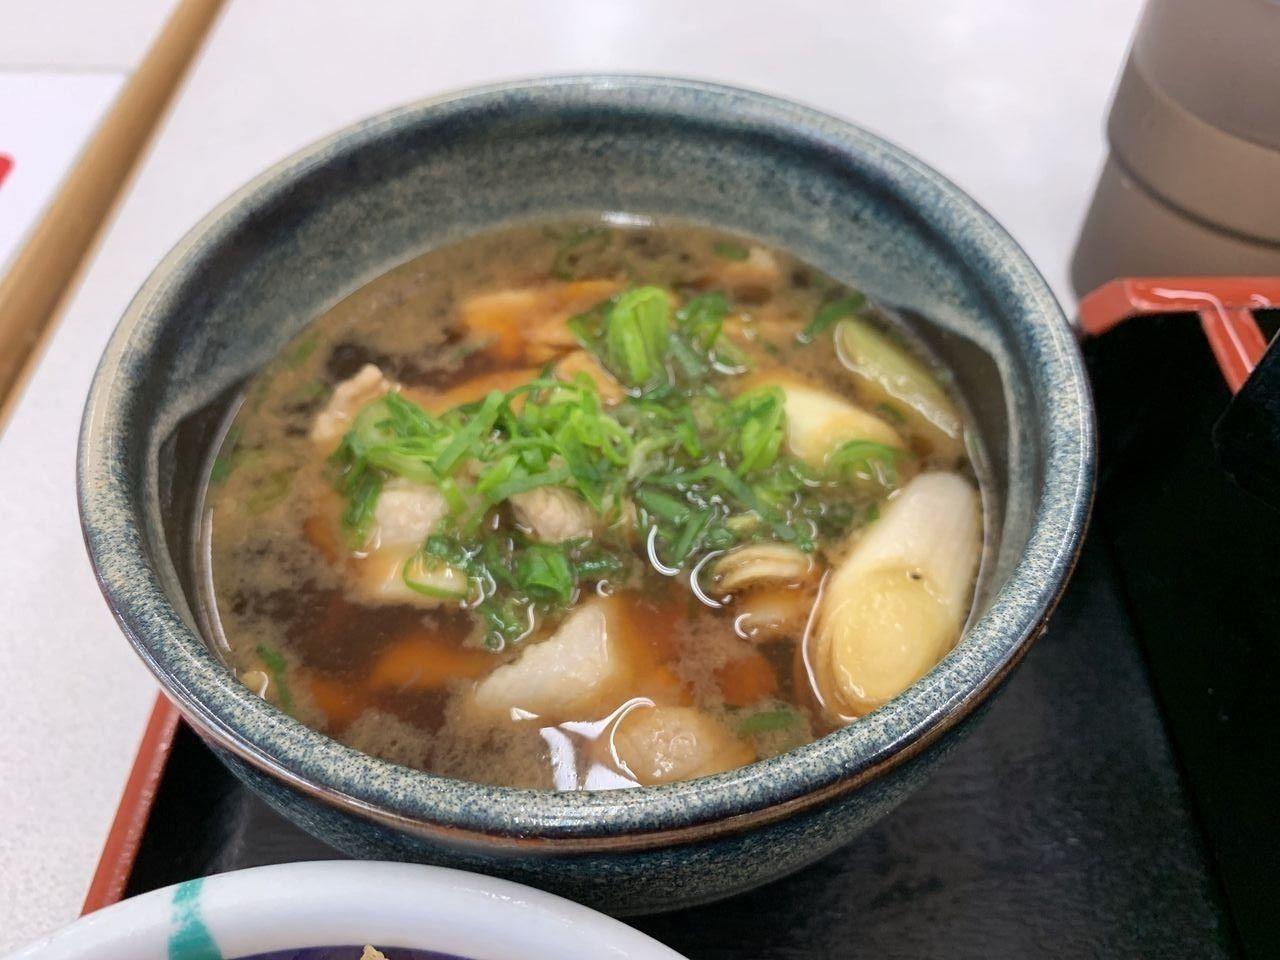 【三郷市食べ歩きブログ】ピアラシティみさと内フードコートにある「お多福三郷店」へ行ってきました!